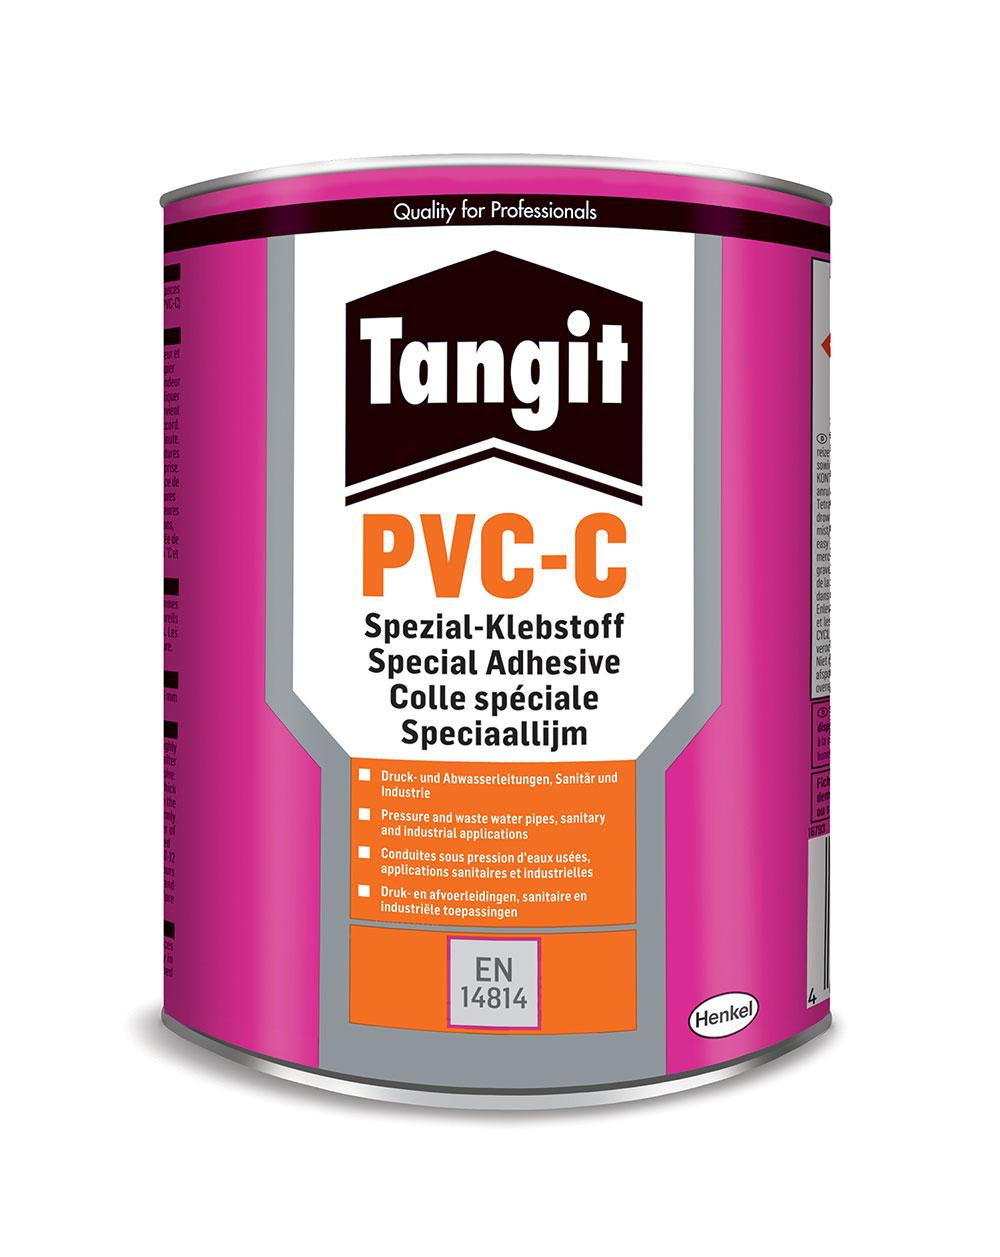 Tangit PVC-C